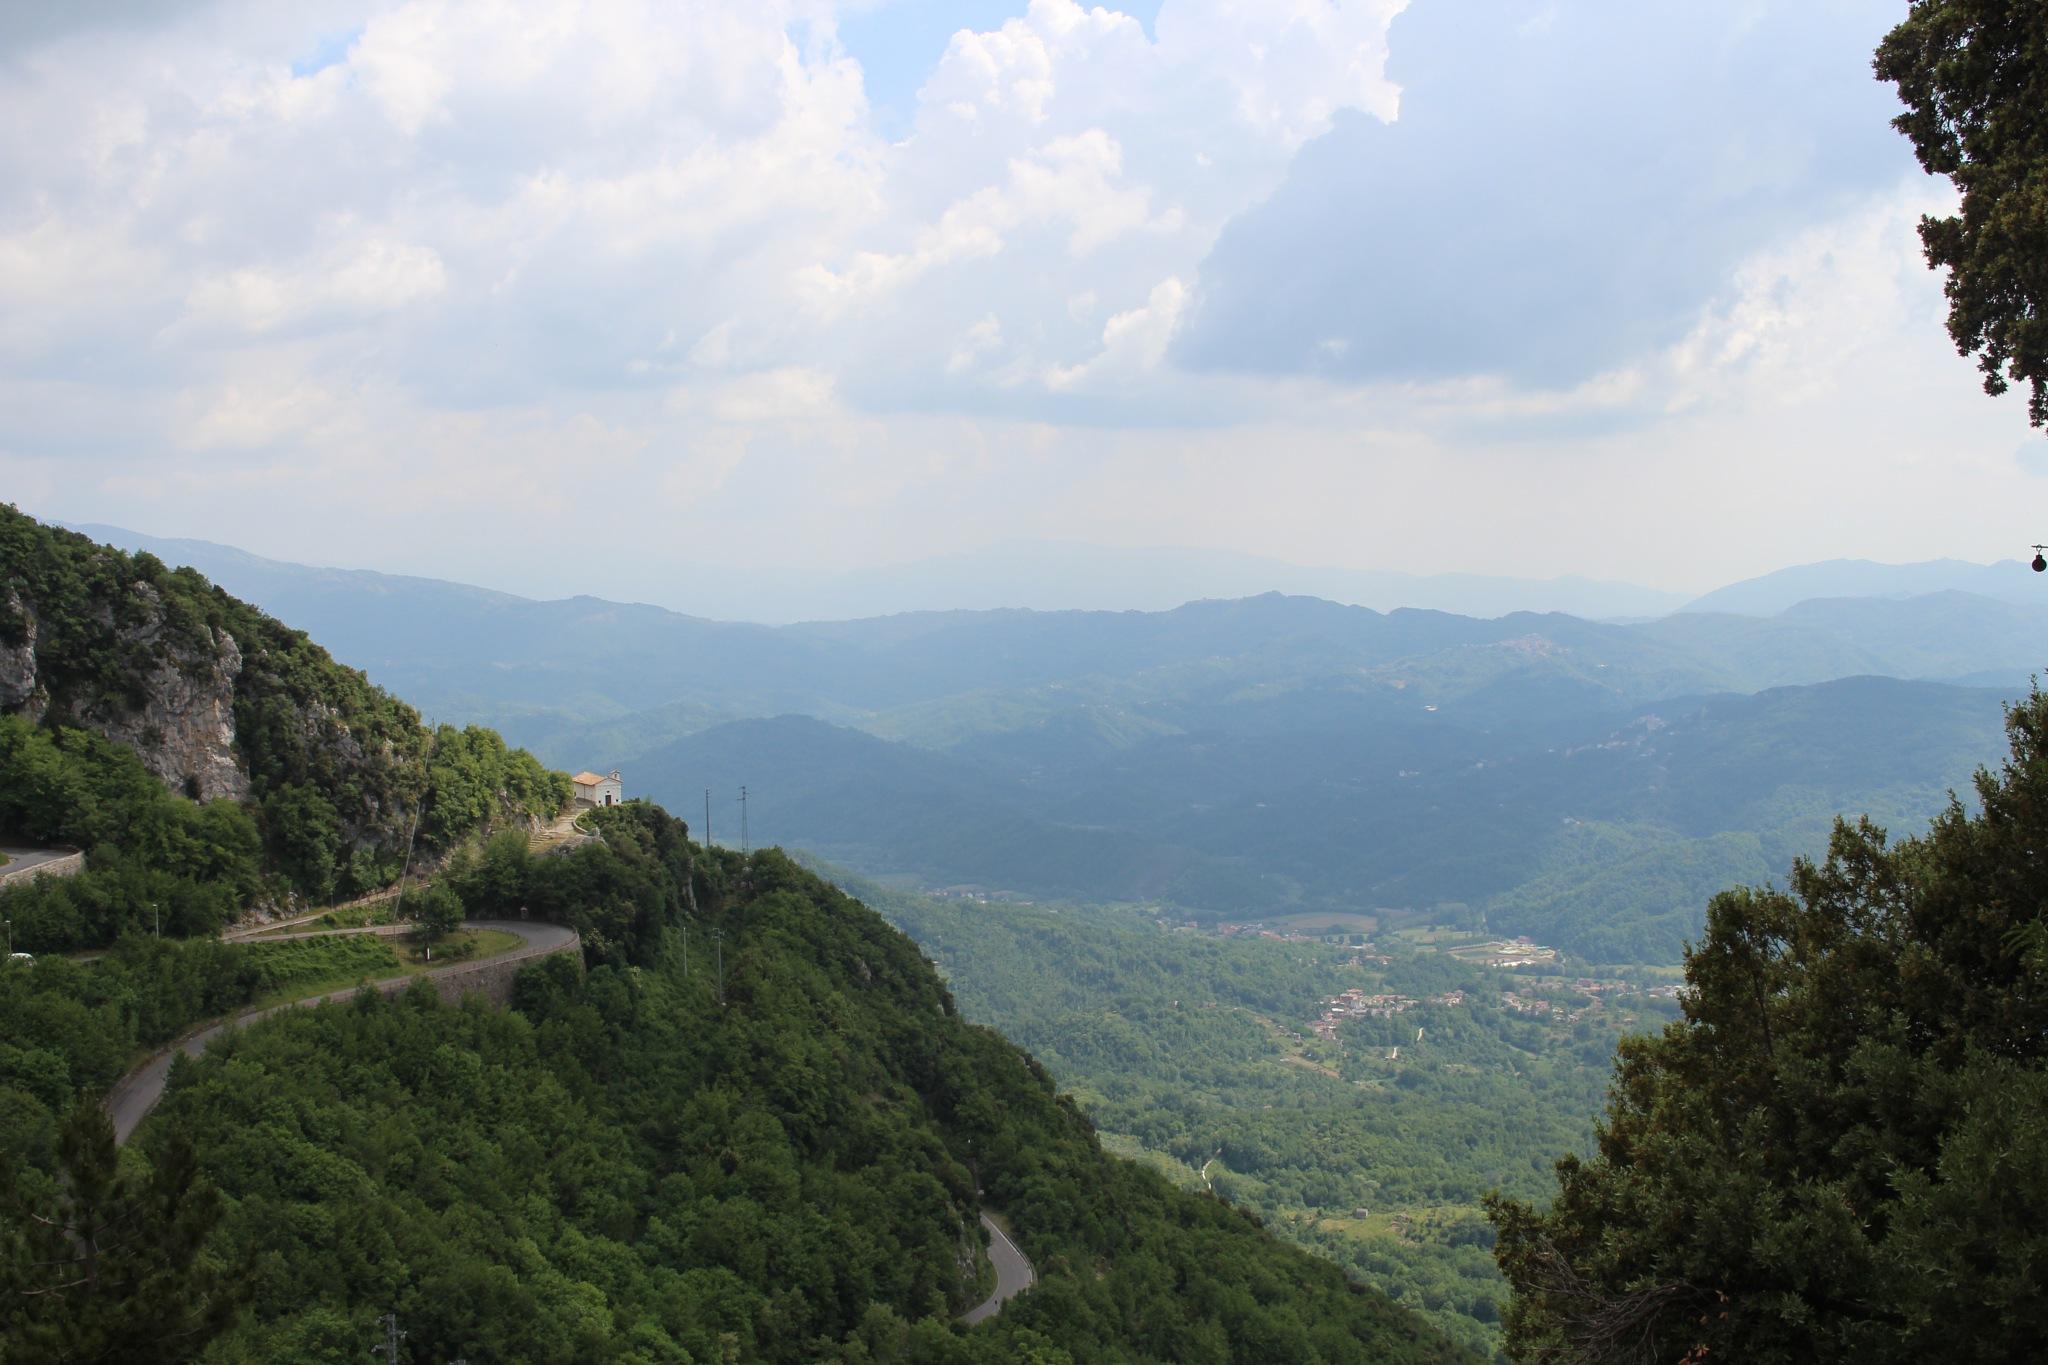 Valley in Cervara di Roma by jdegrazia